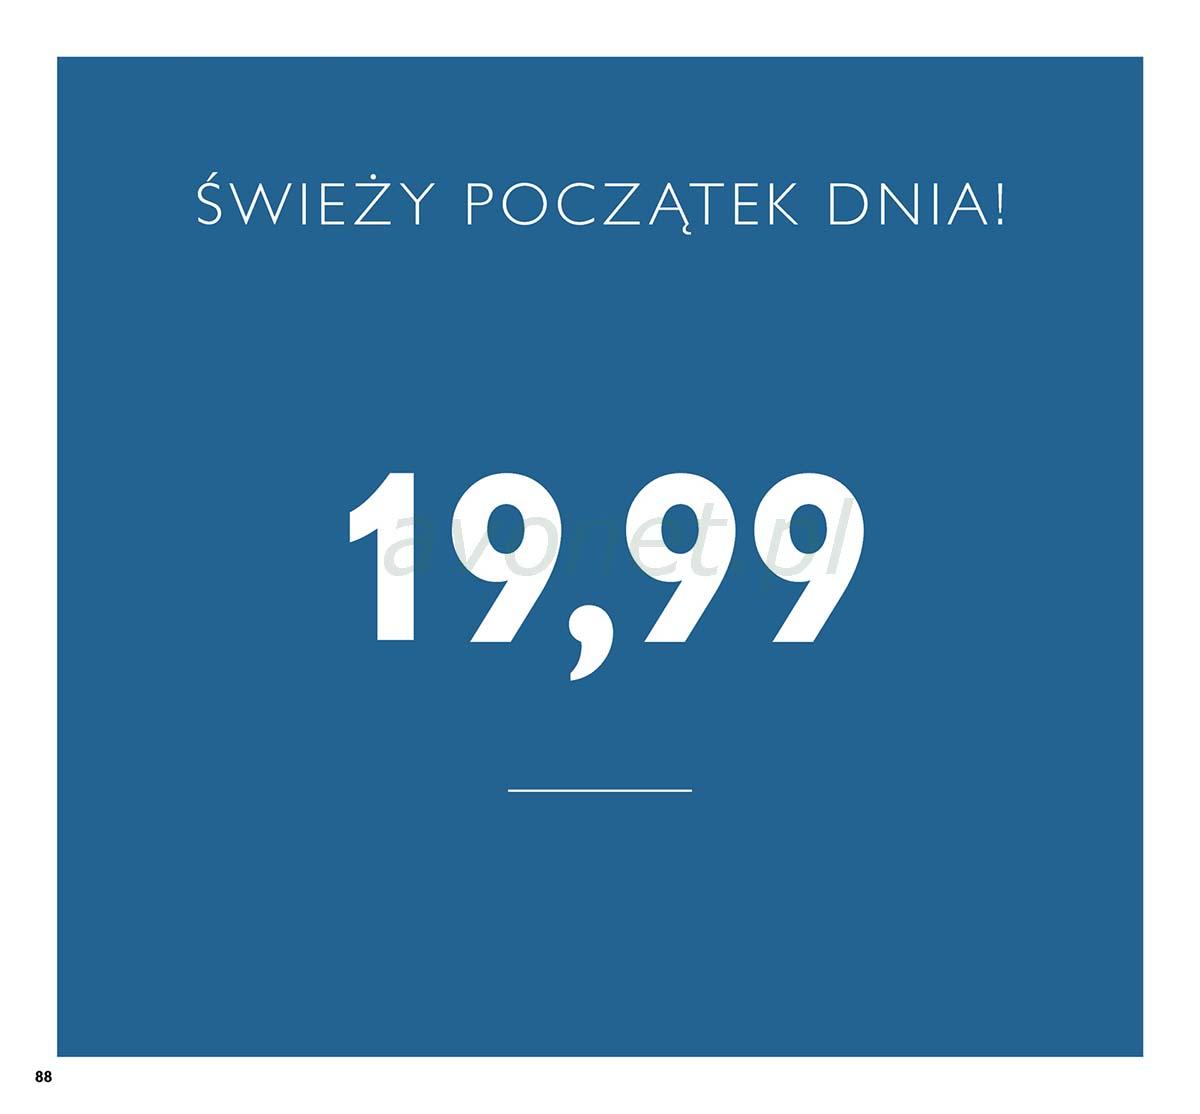 2018011-088-pl-PL